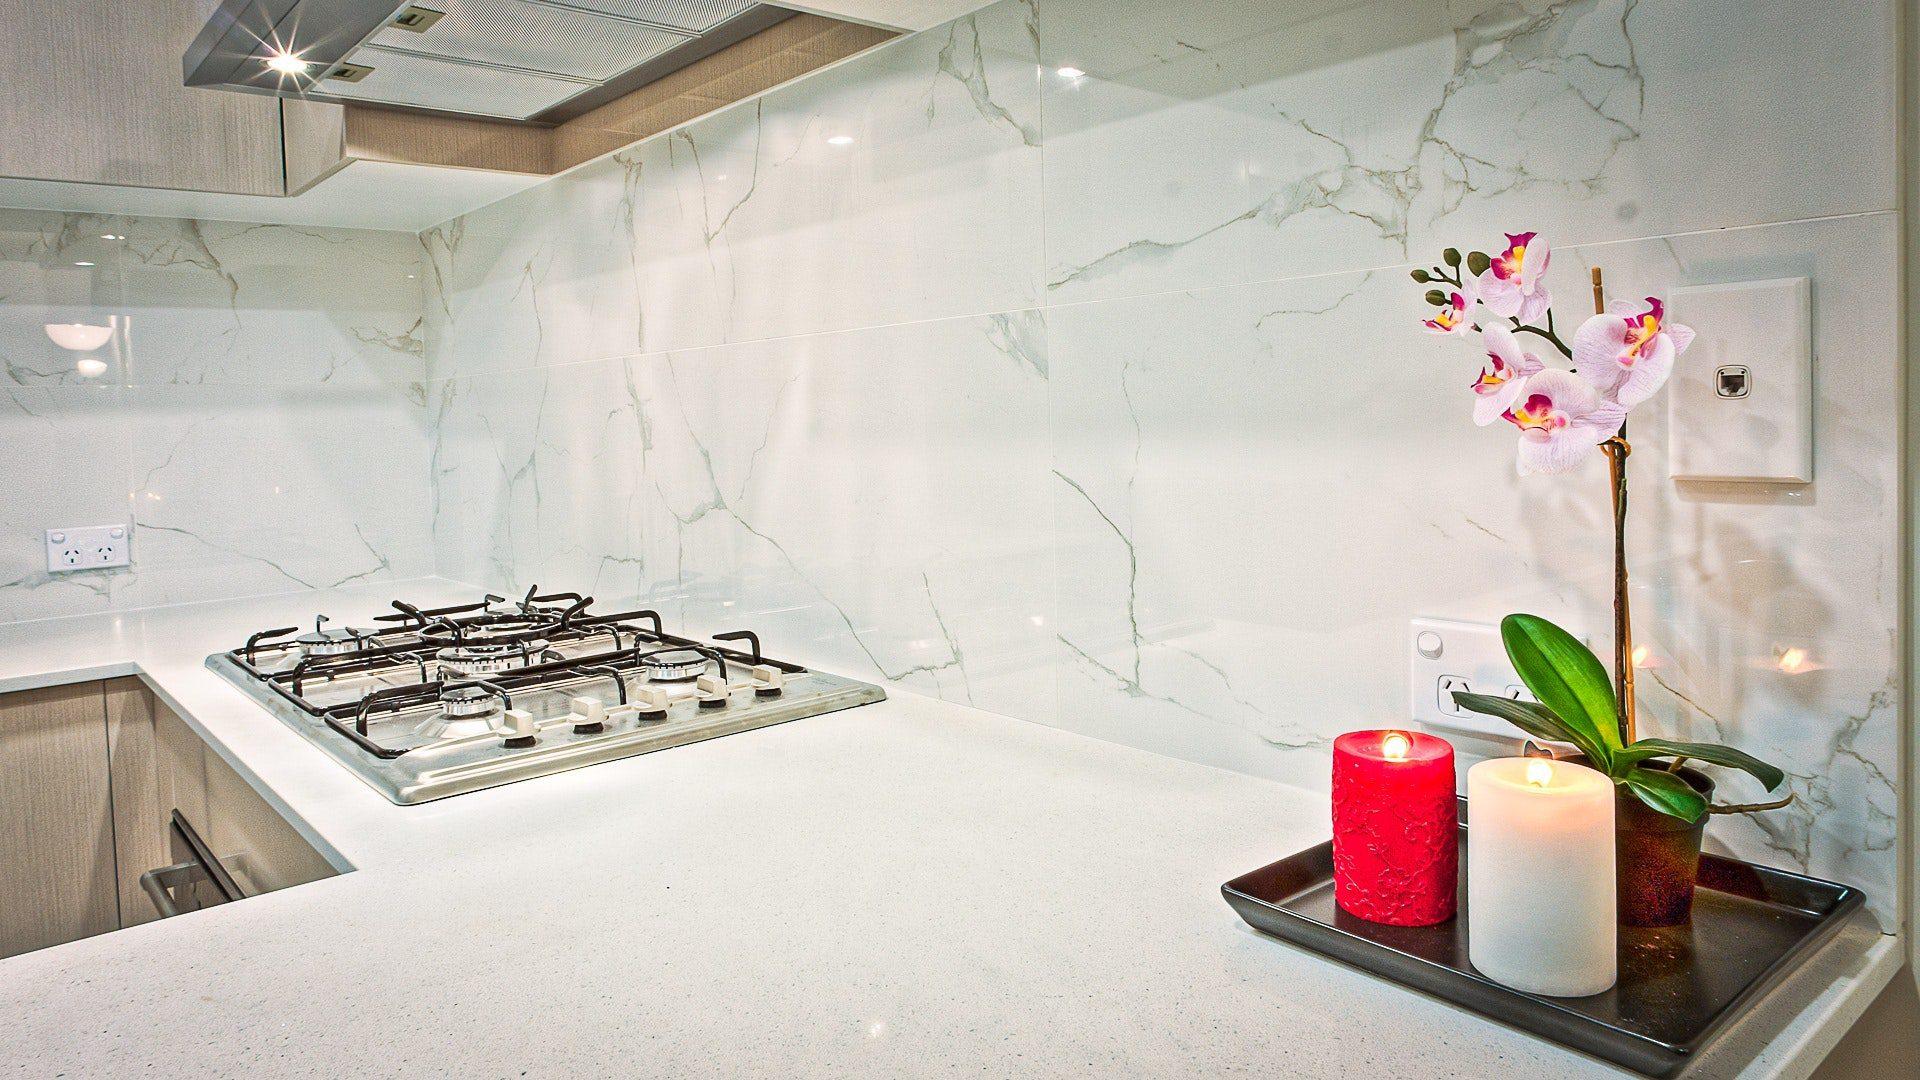 De vanligaste missarna vid köksrenovering